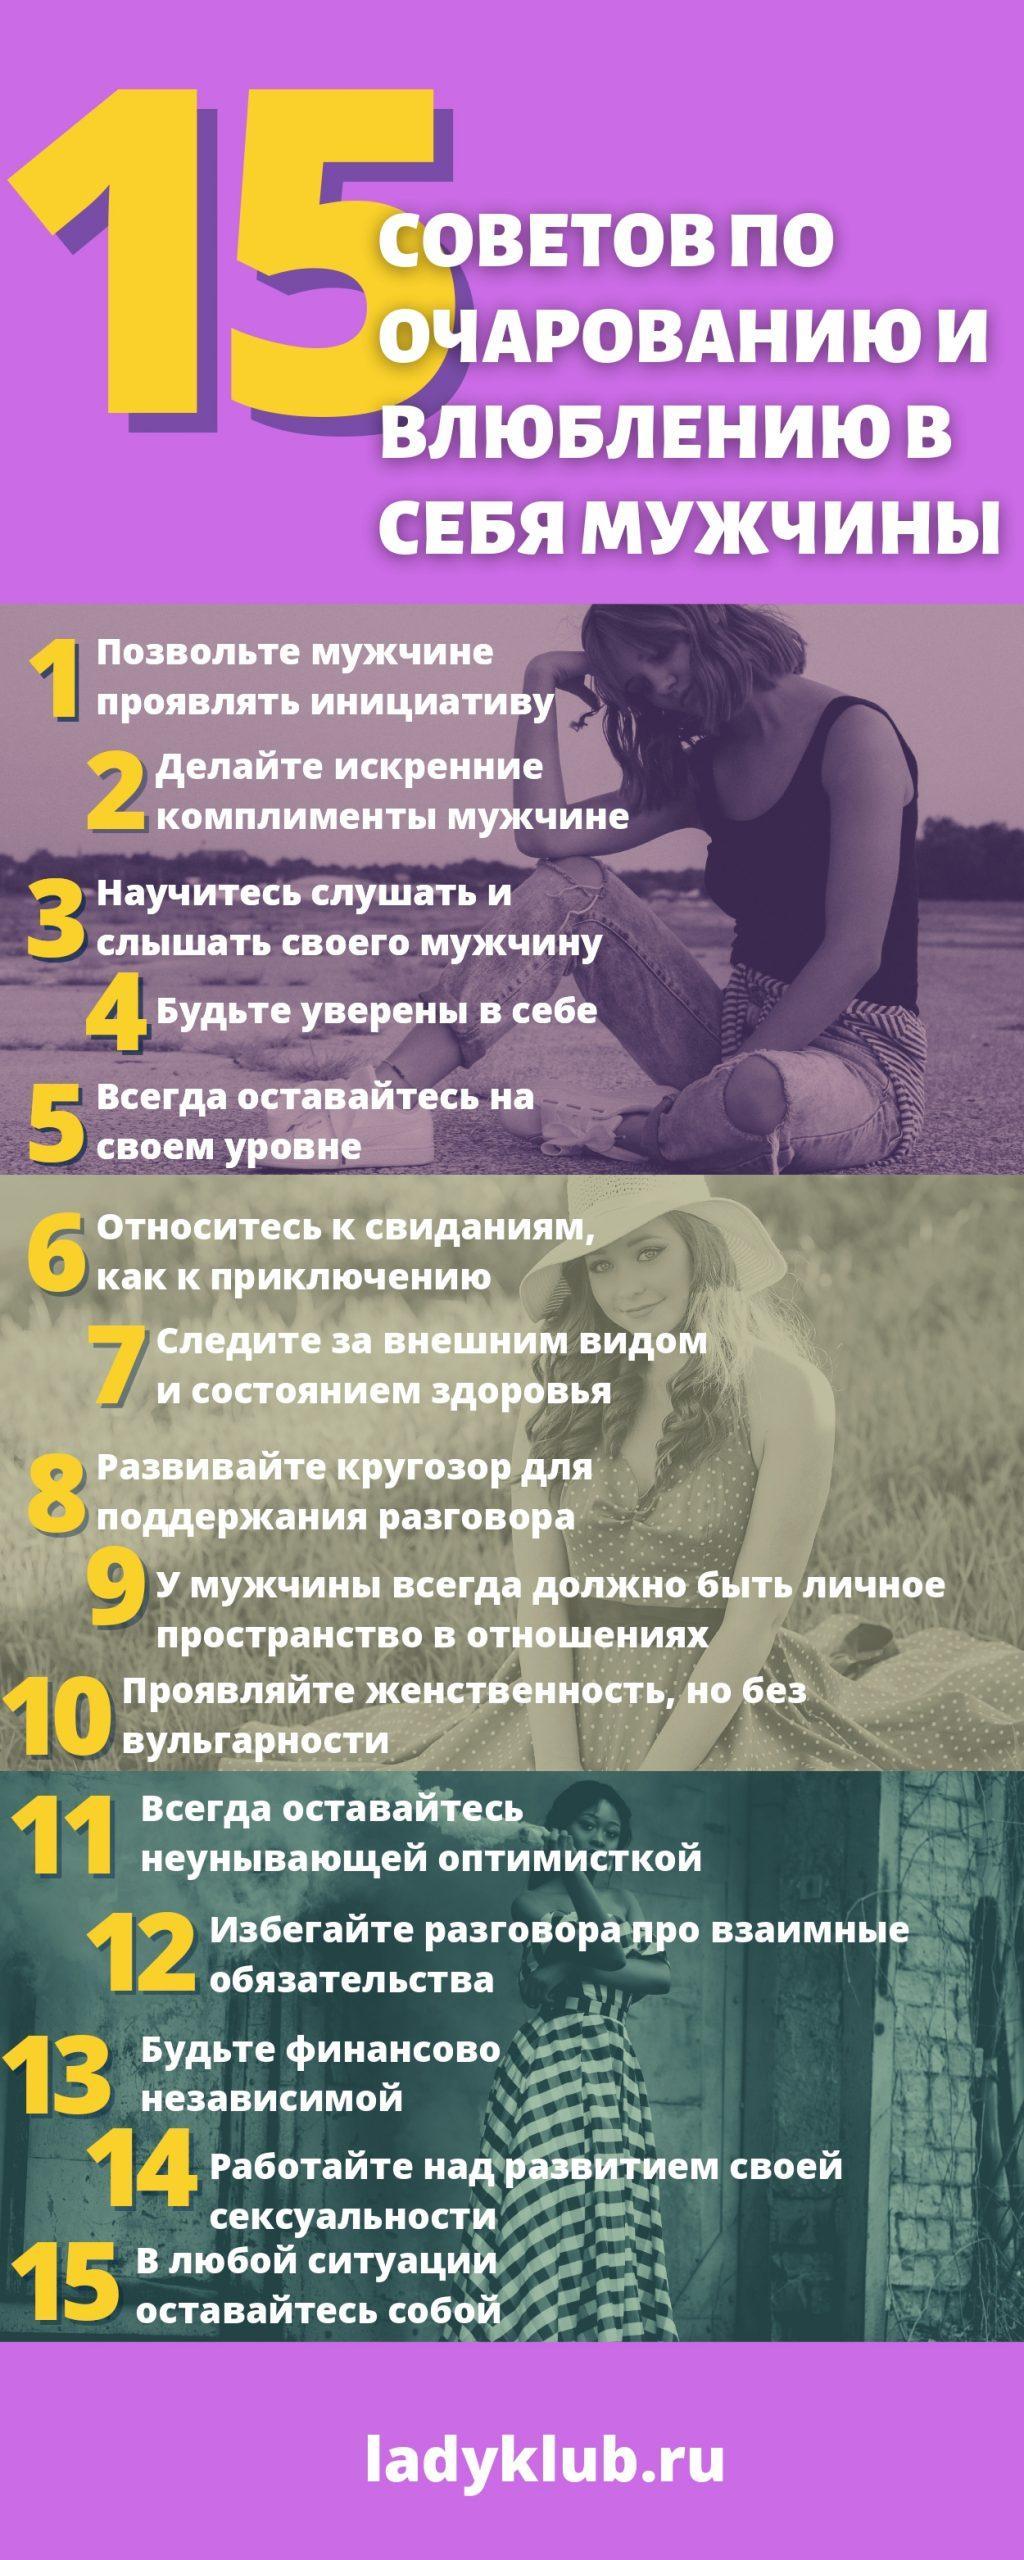 """Инфографика """"Советы-по-очарованию-и-влюблению-в-себя-мужчины"""""""